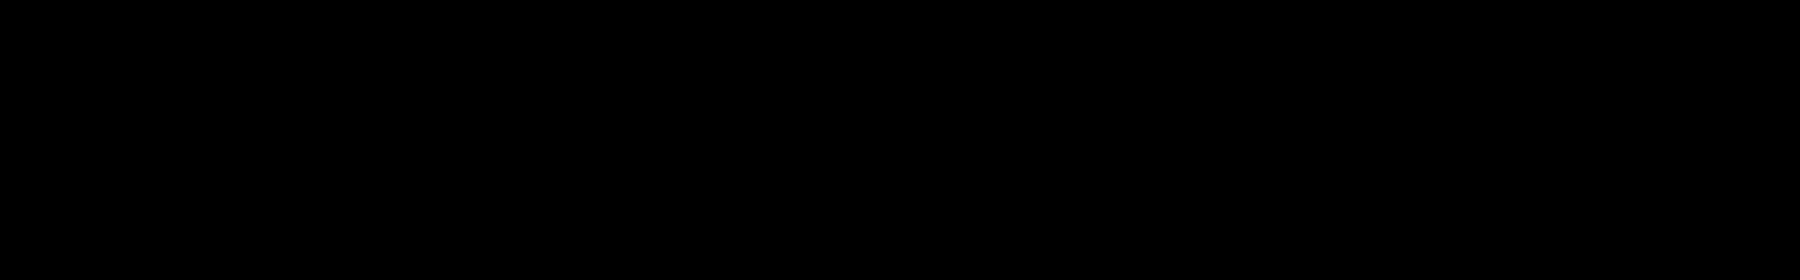 Glitchverb audio waveform